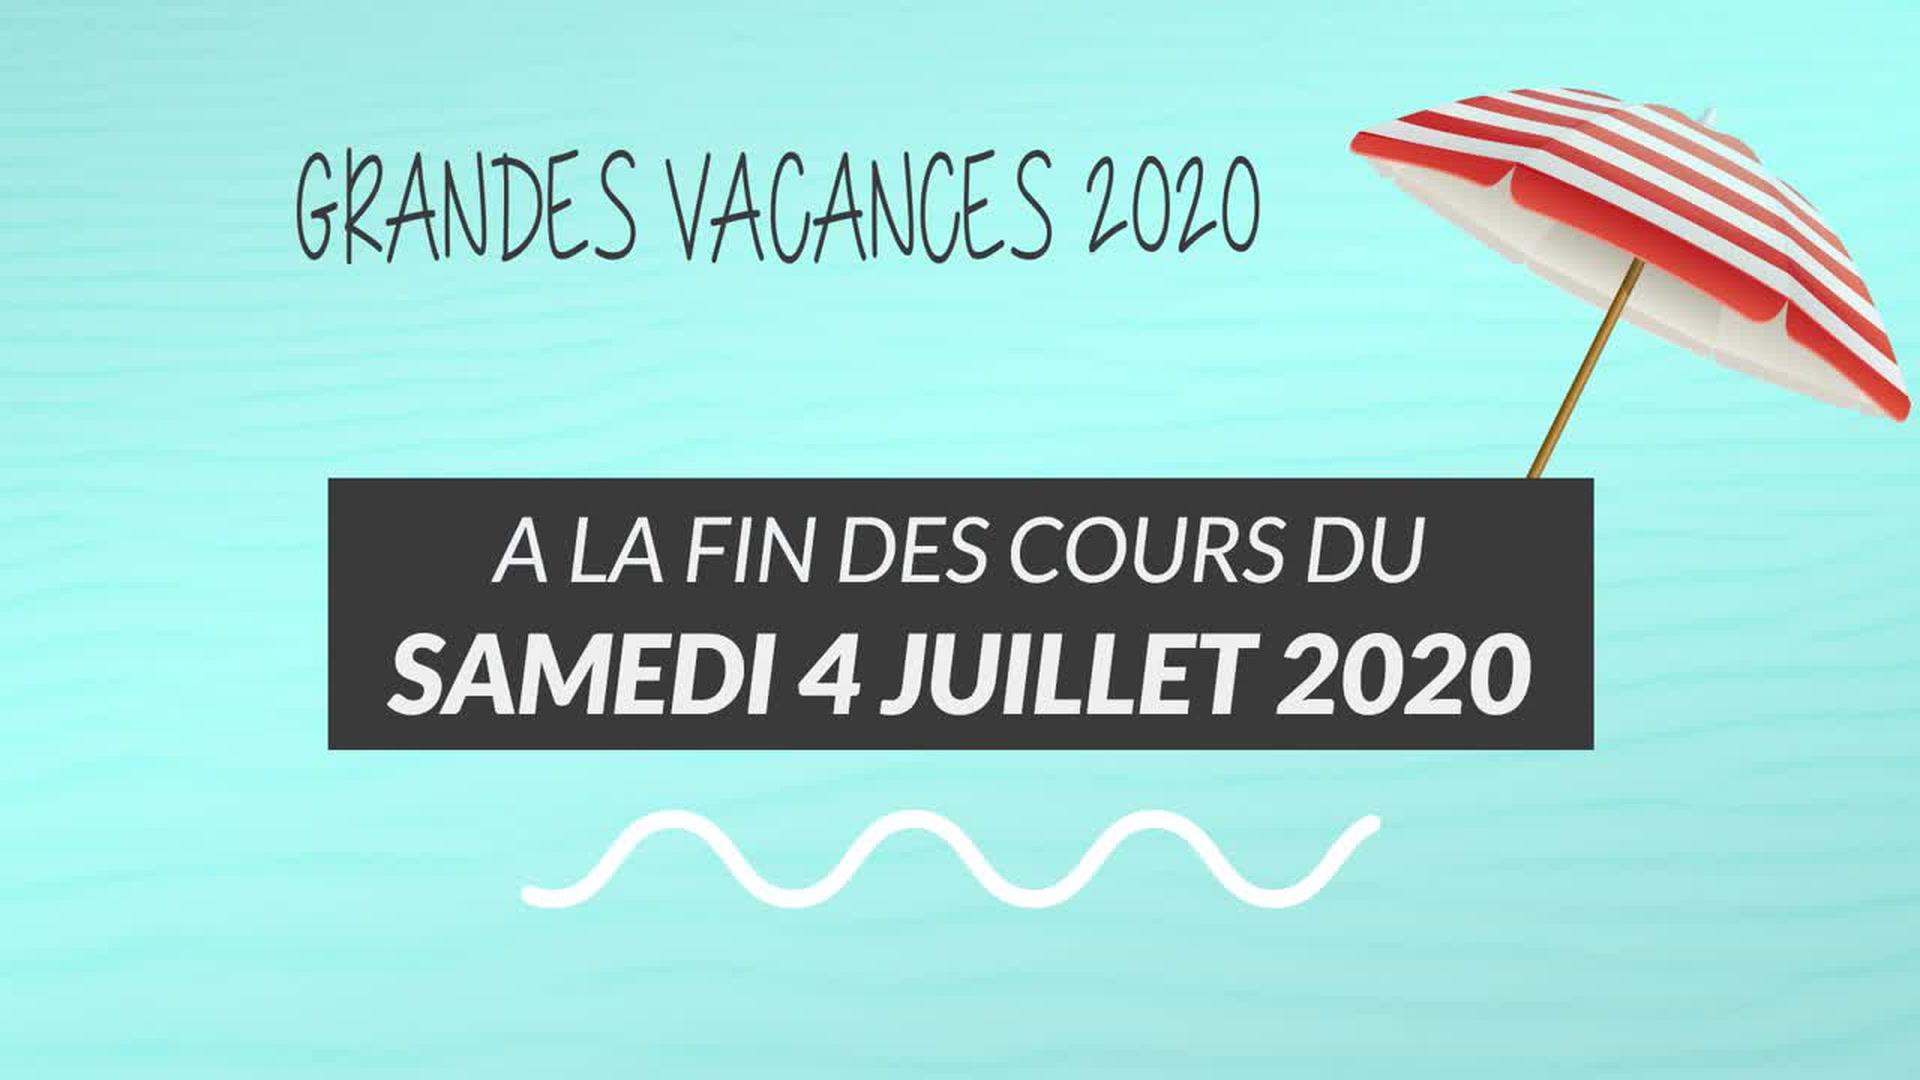 Calendrier Garde Classique 2019 Zone B.Vacances Scolaires Le Calendrier 2019 2020